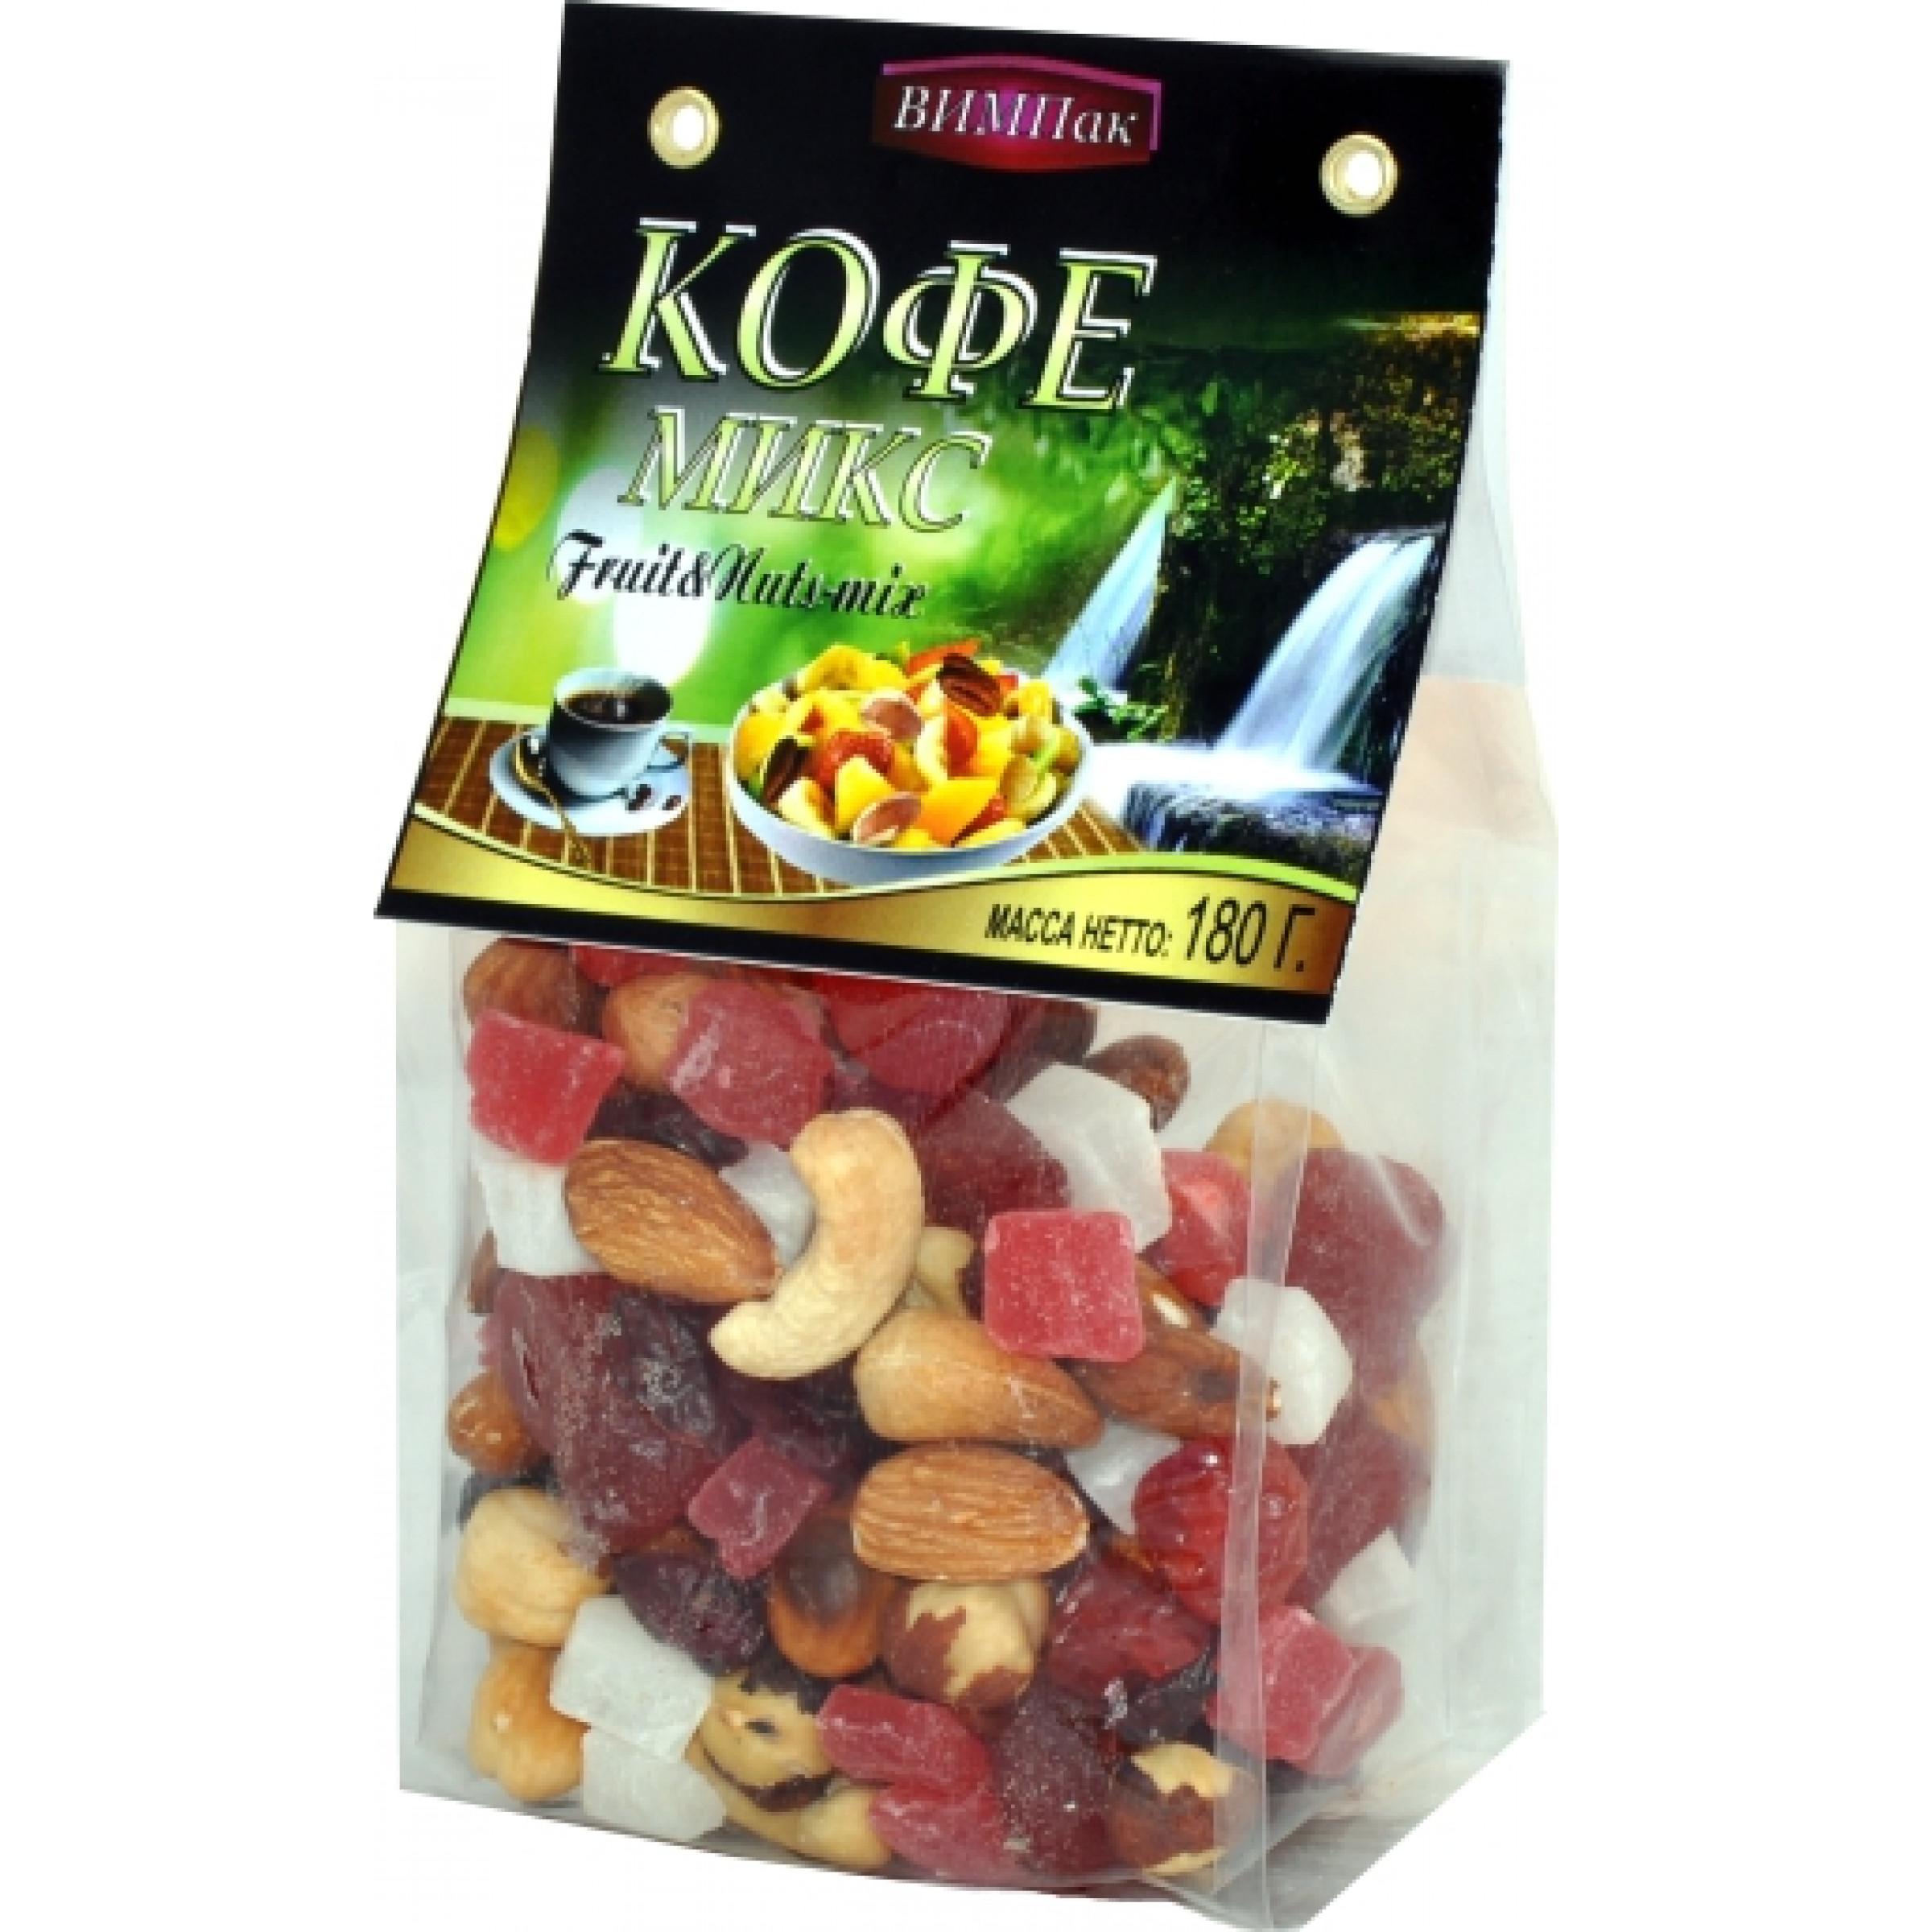 Смесь из сушеных фруктов с орехами Koffi - mix ВИМПак (клюква, вишня, изюм белый, папая, кокос, миндаль жарен.,кешью жарен.,фундук жарен. ) Автонов, 180гр